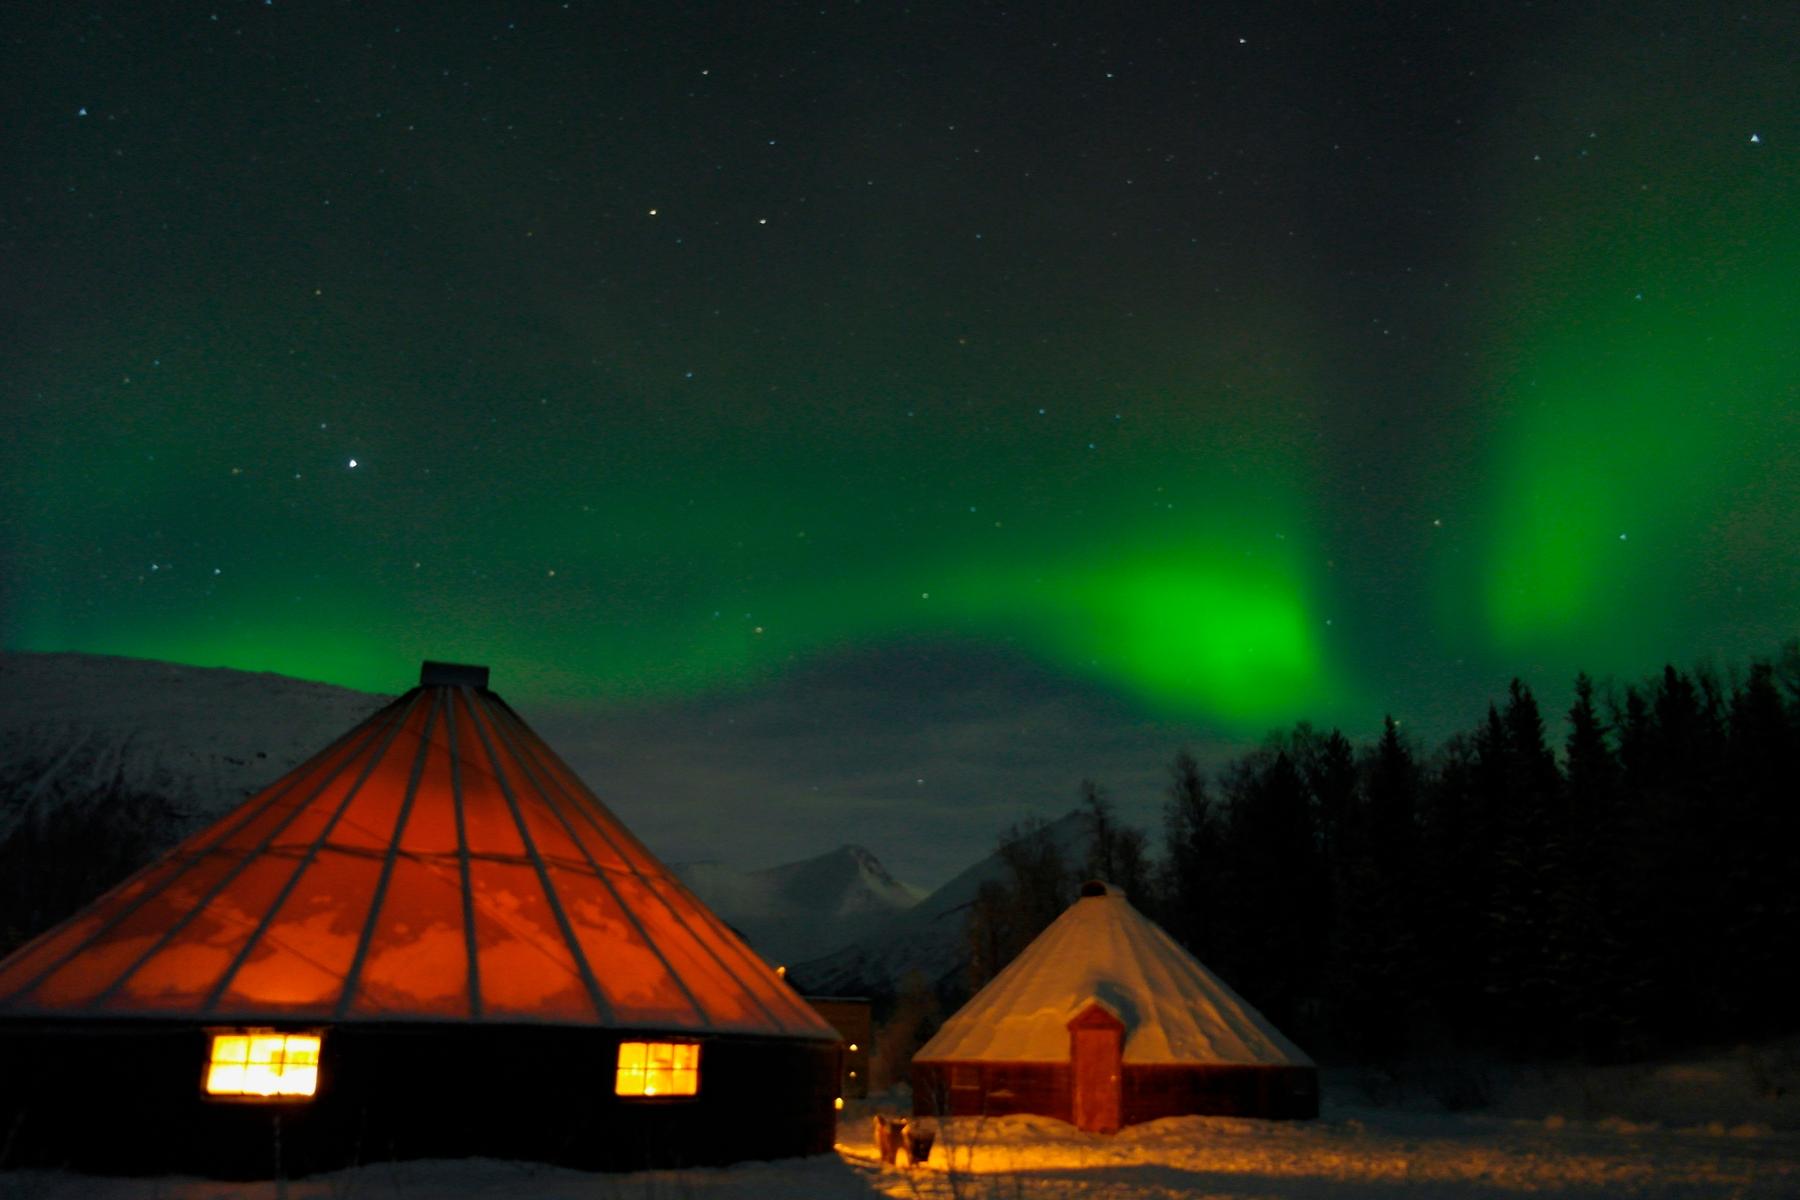 guia para ver la aurora boreal en tromso, que ropa llevar para ver la aurora boreal, donde ver la aurora boreal, luces del norte en tromso, tromso noruega, aurora boreal tromso